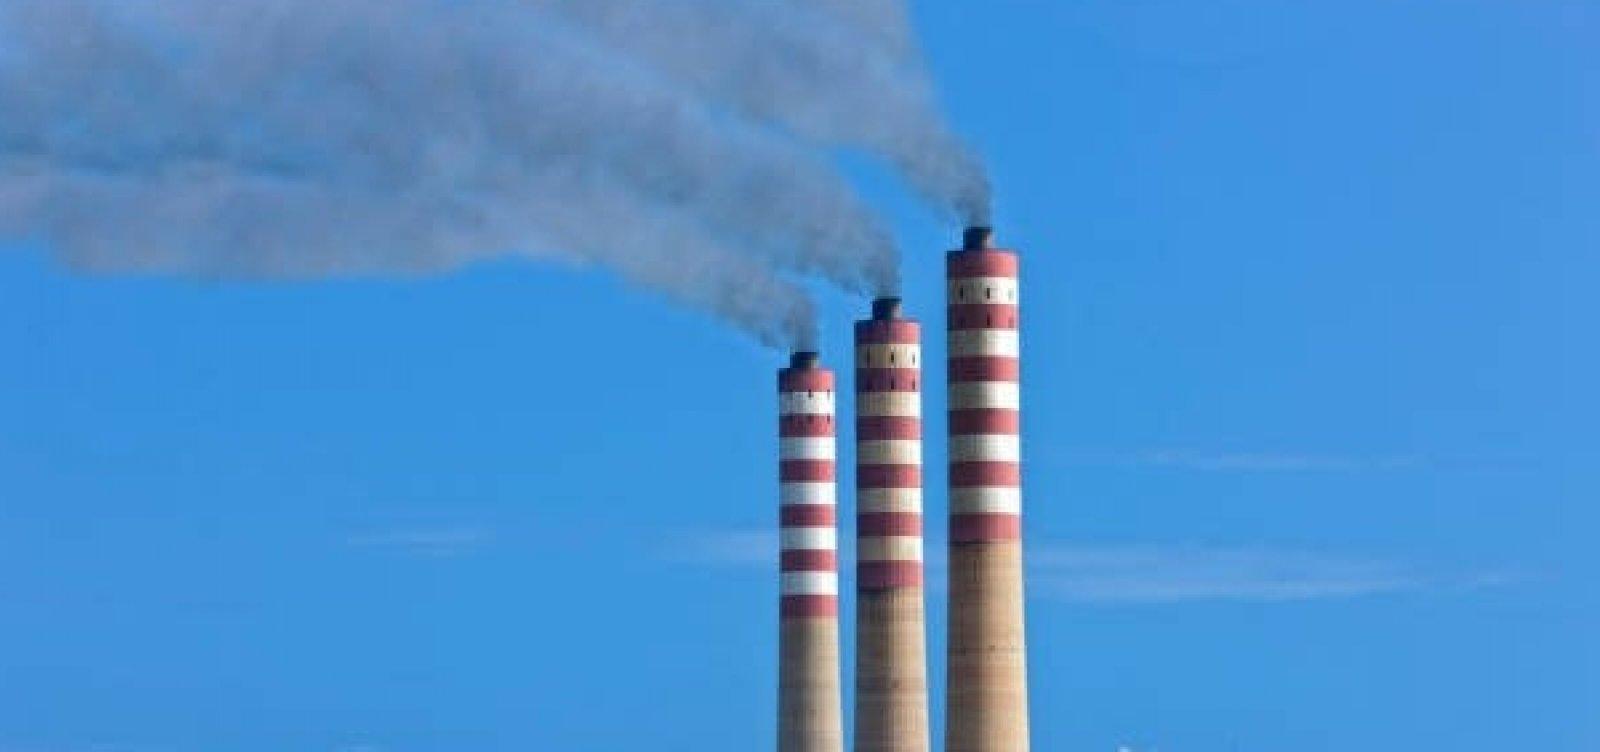 [Emissões do aquecimento global caem em 17% durante pandemia]